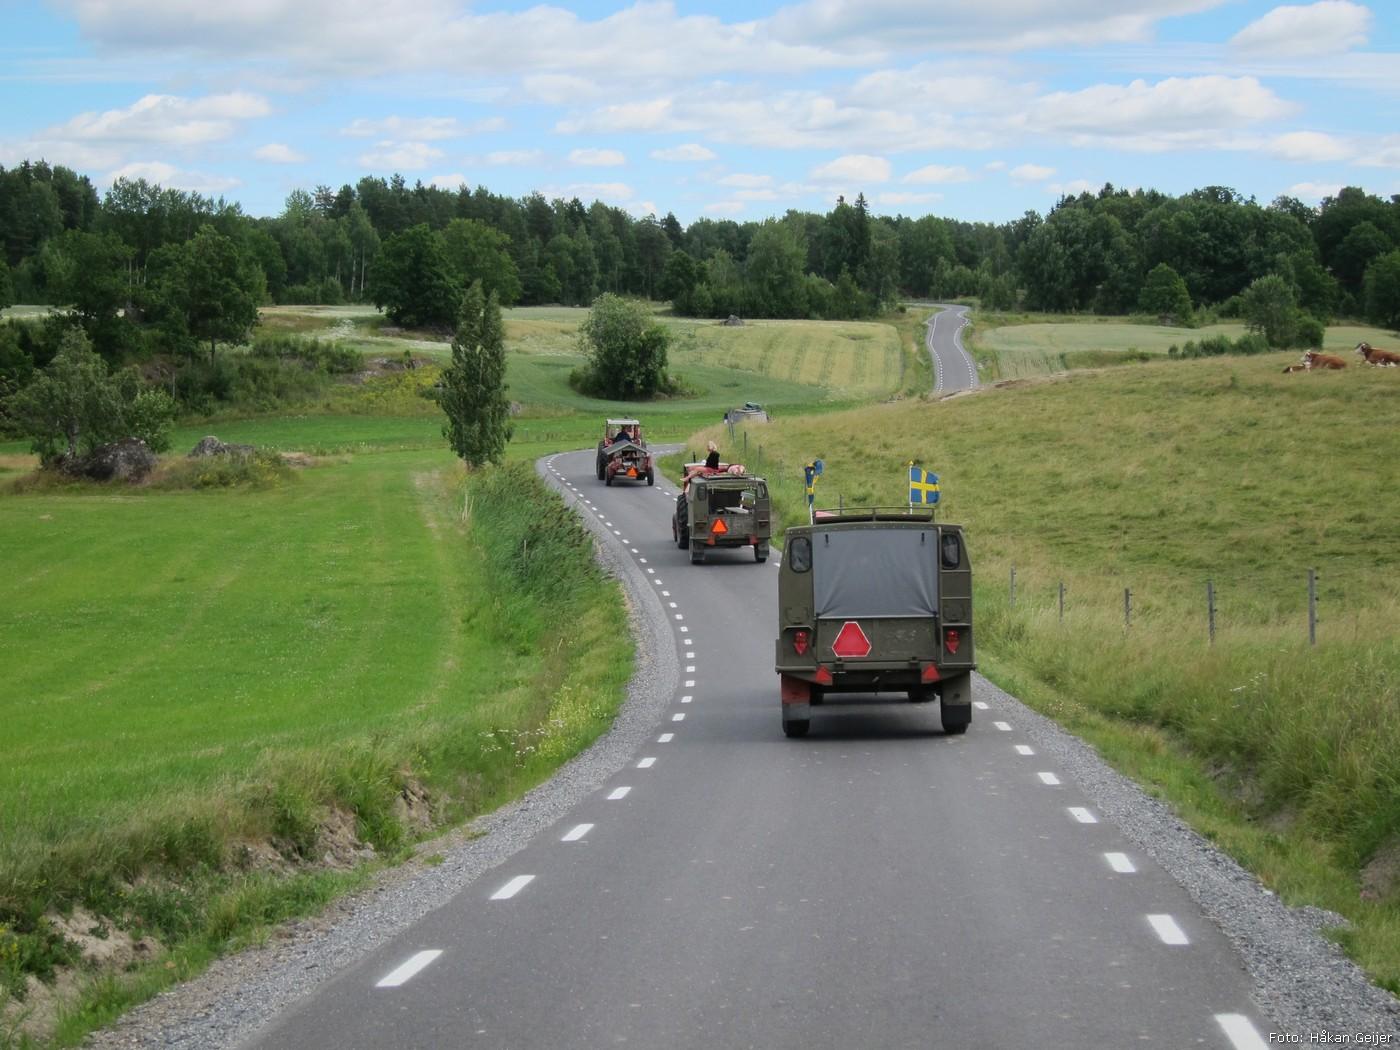 2013-07-20_032_Traktorresa